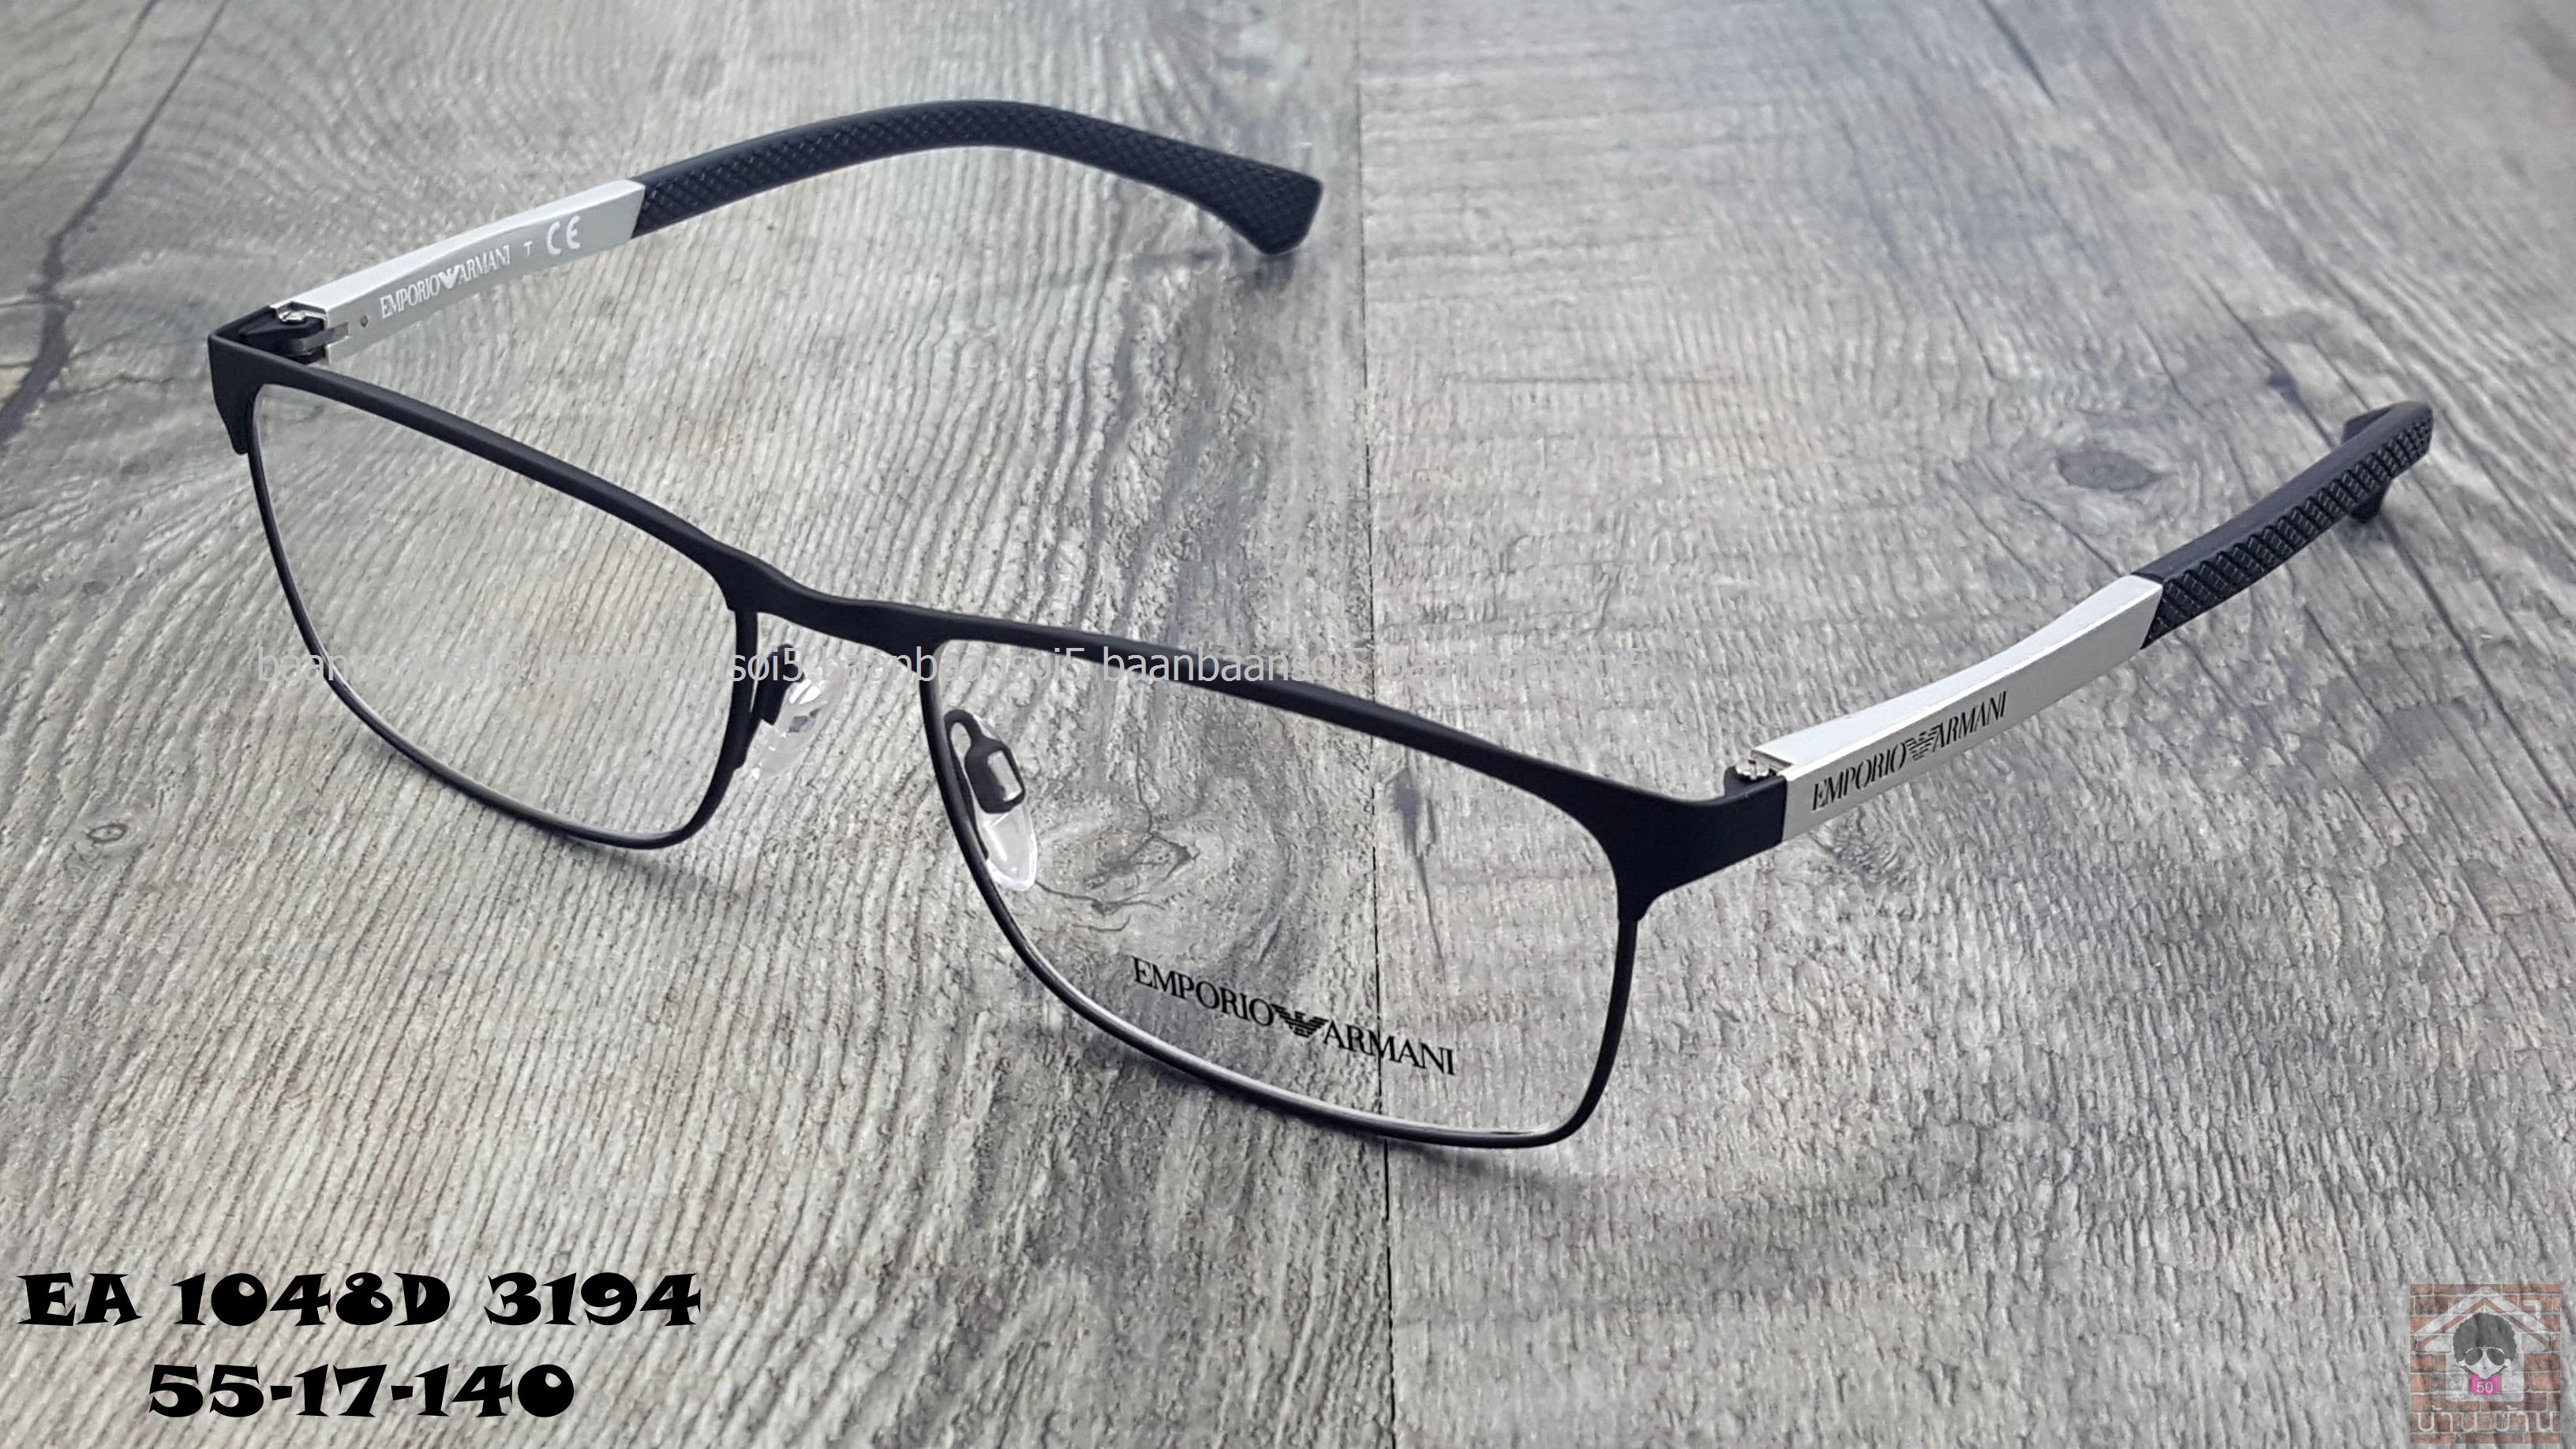 Empoiro Armani EA 1048D 3194 โปรโมชั่น กรอบแว่นตาพร้อมเลนส์ HOYA ราคา 5,300 บาท